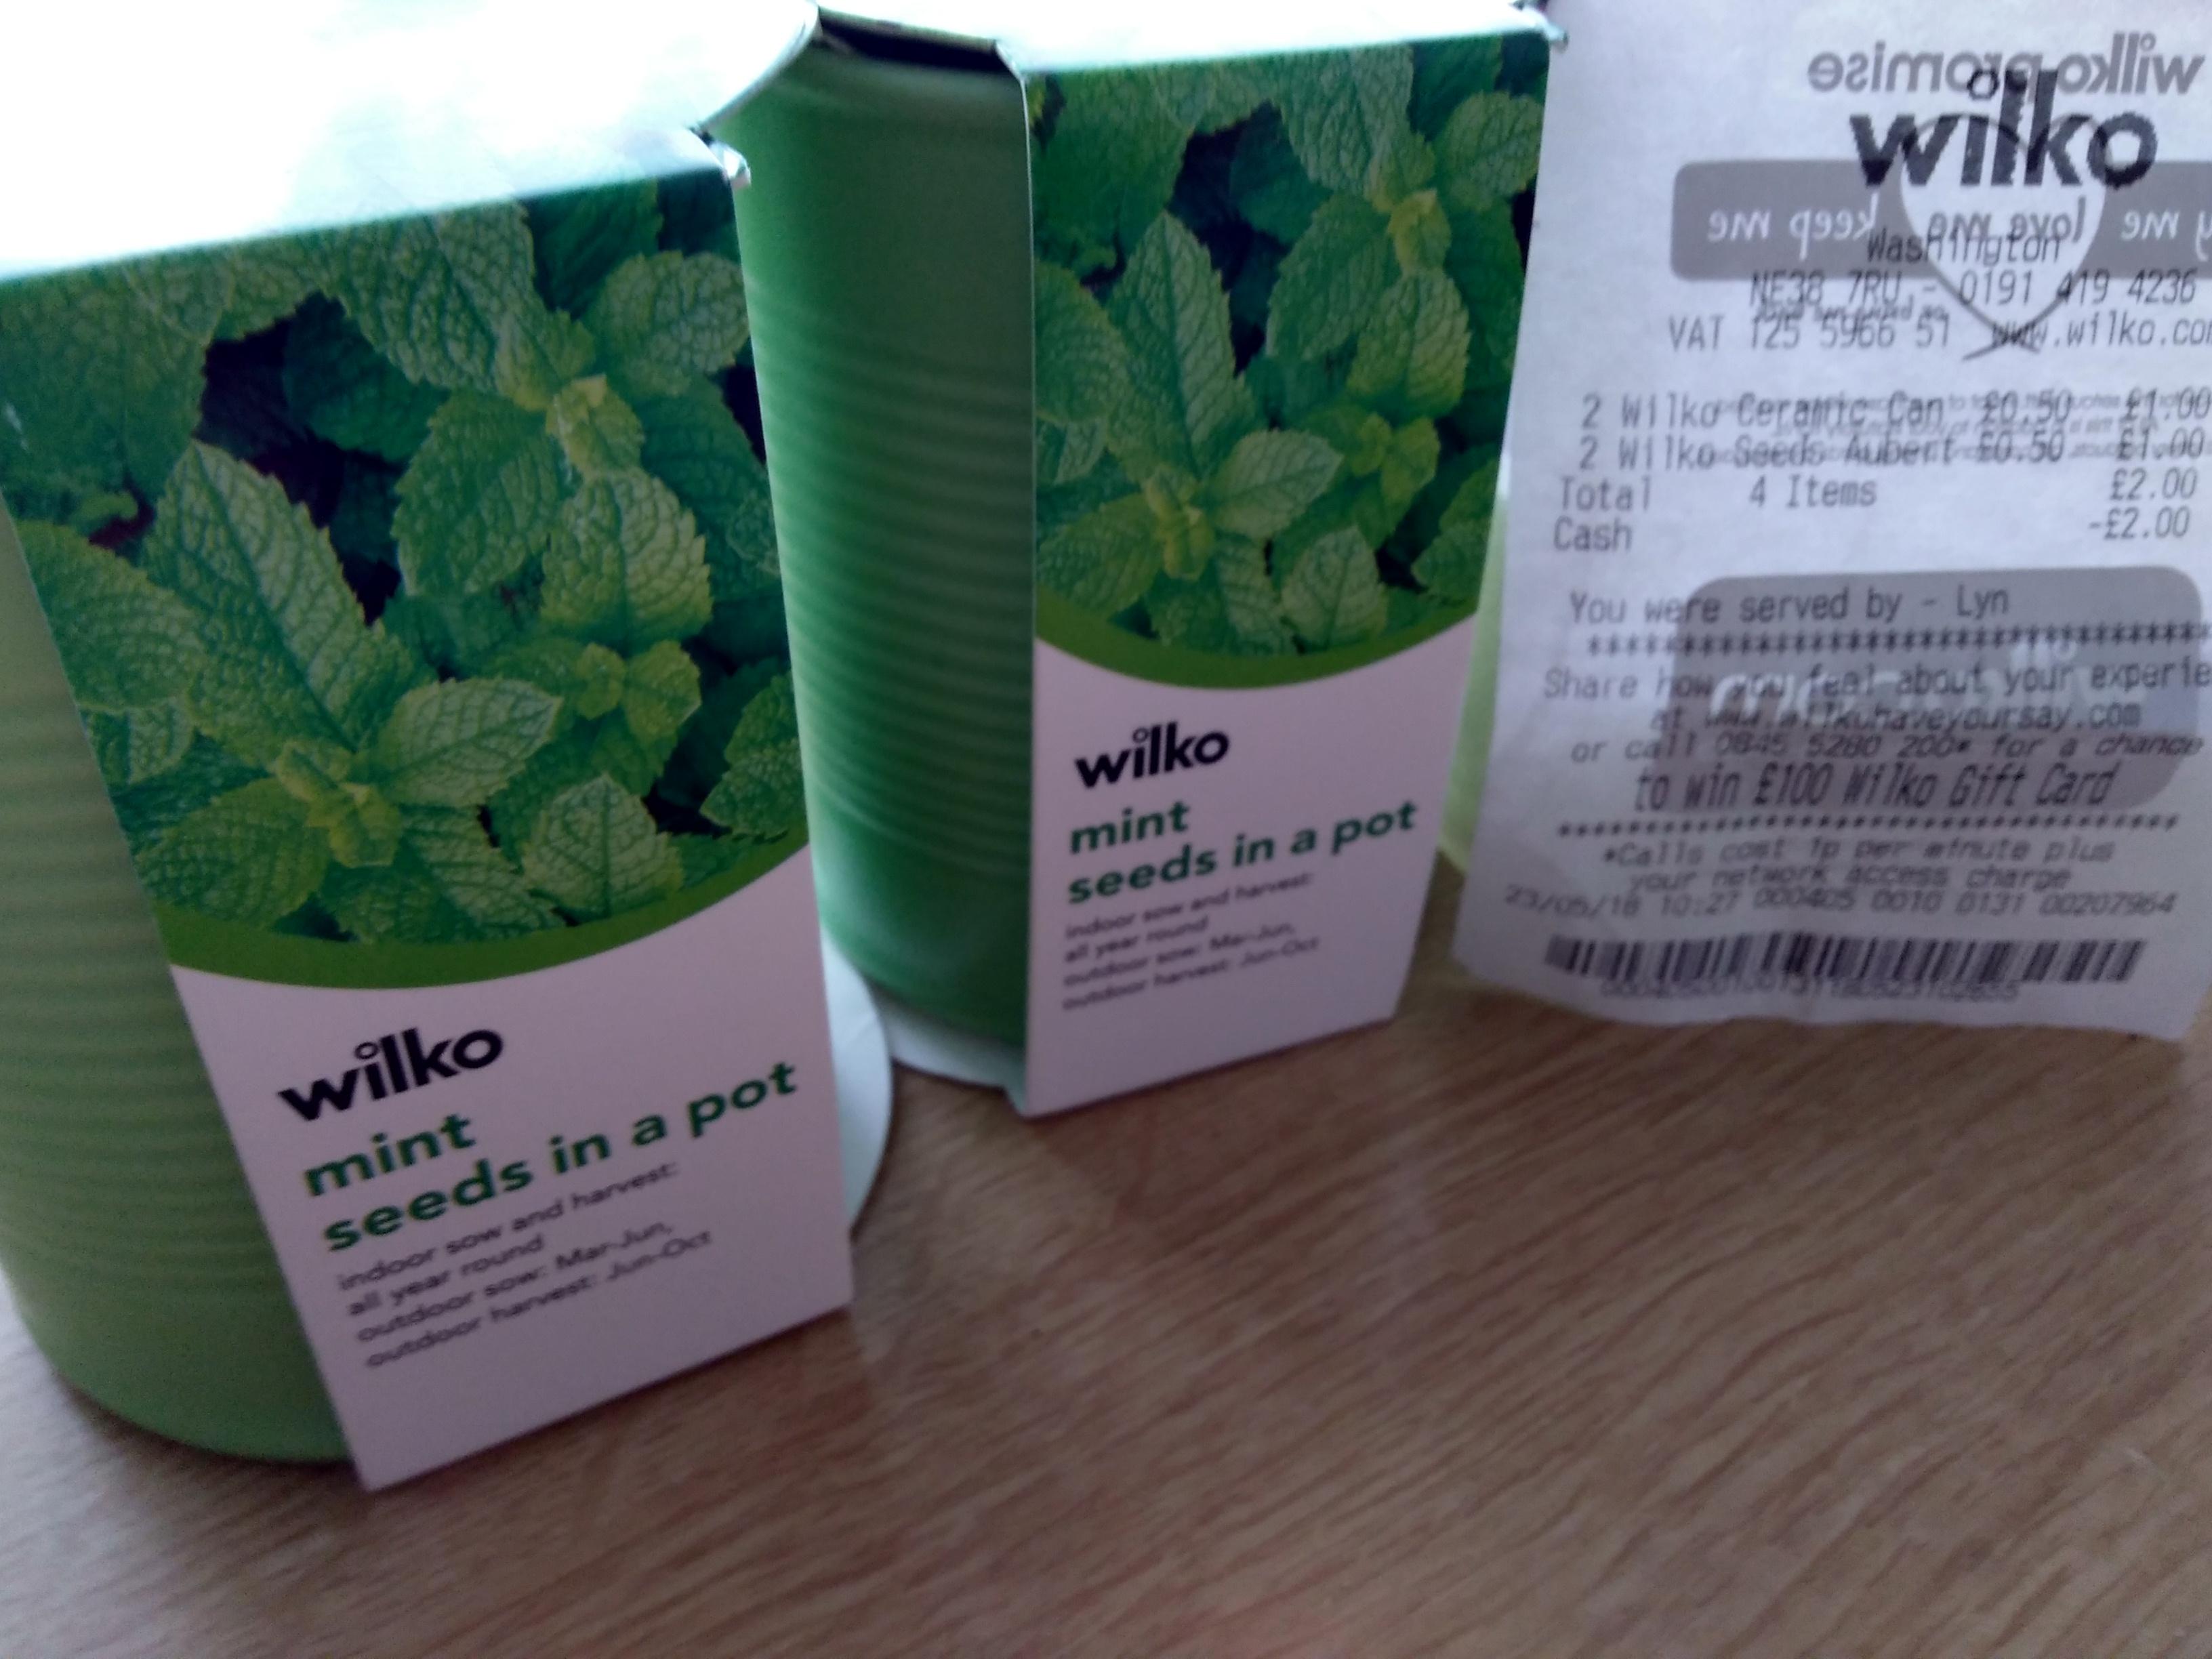 Mint Seeds in a ceramic pot 50p at Wilko